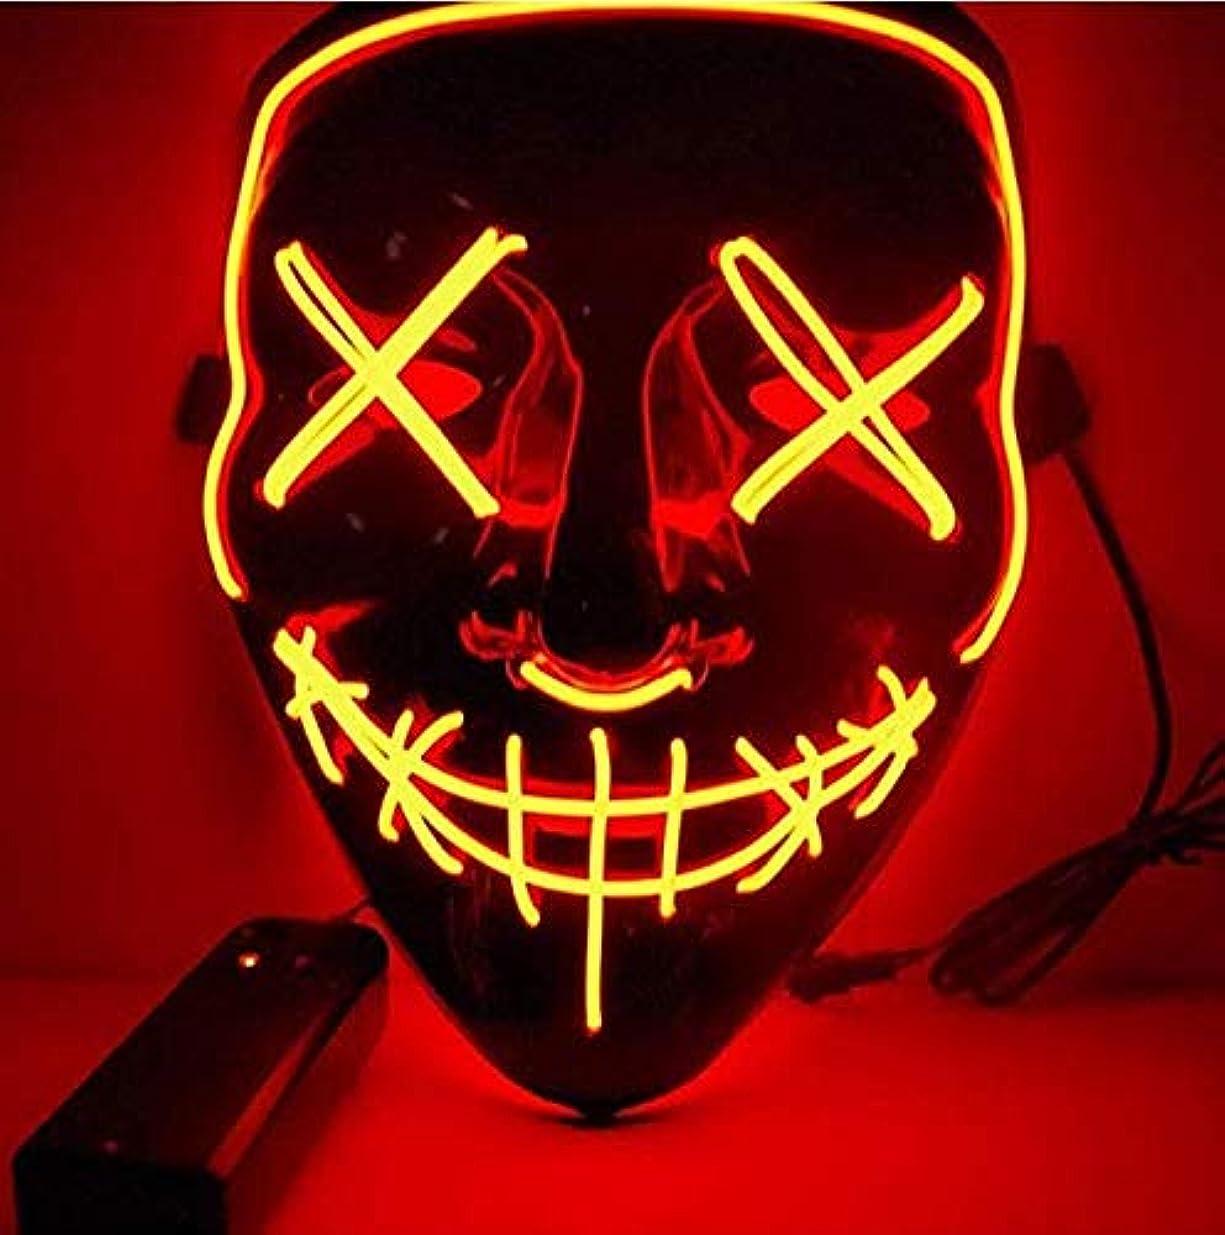 梨ほめるスイングハロウィンマスクLEDライトアップパーティーマスクコスプレコスチュームサプライ暗闇で光る (Color : ROSE RED)